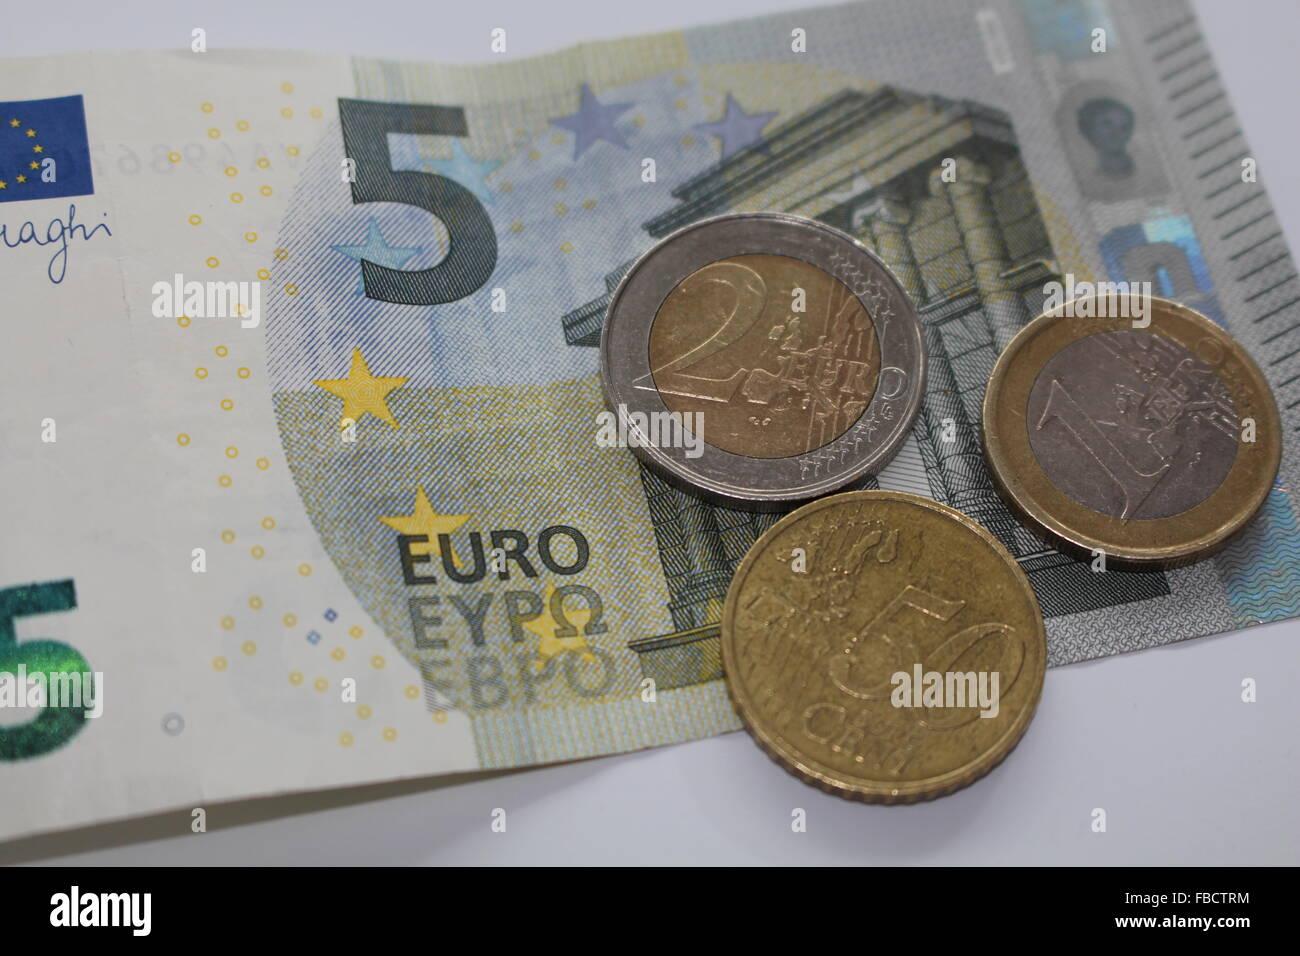 Simbolo per il nuovo 8 Euro 50 Pagamento minimo Immagini Stock